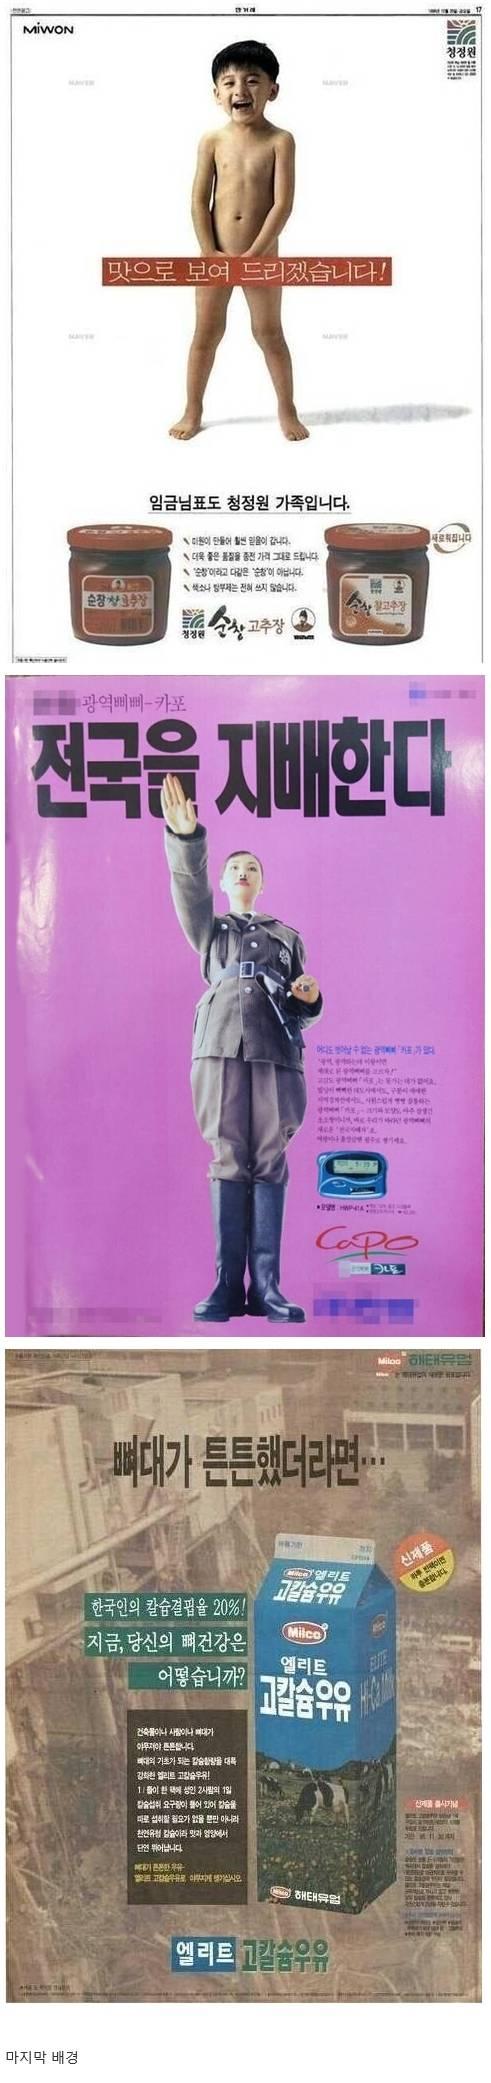 선이 존재하지 않았던 90년대 한국 광고계 | 인스티즈